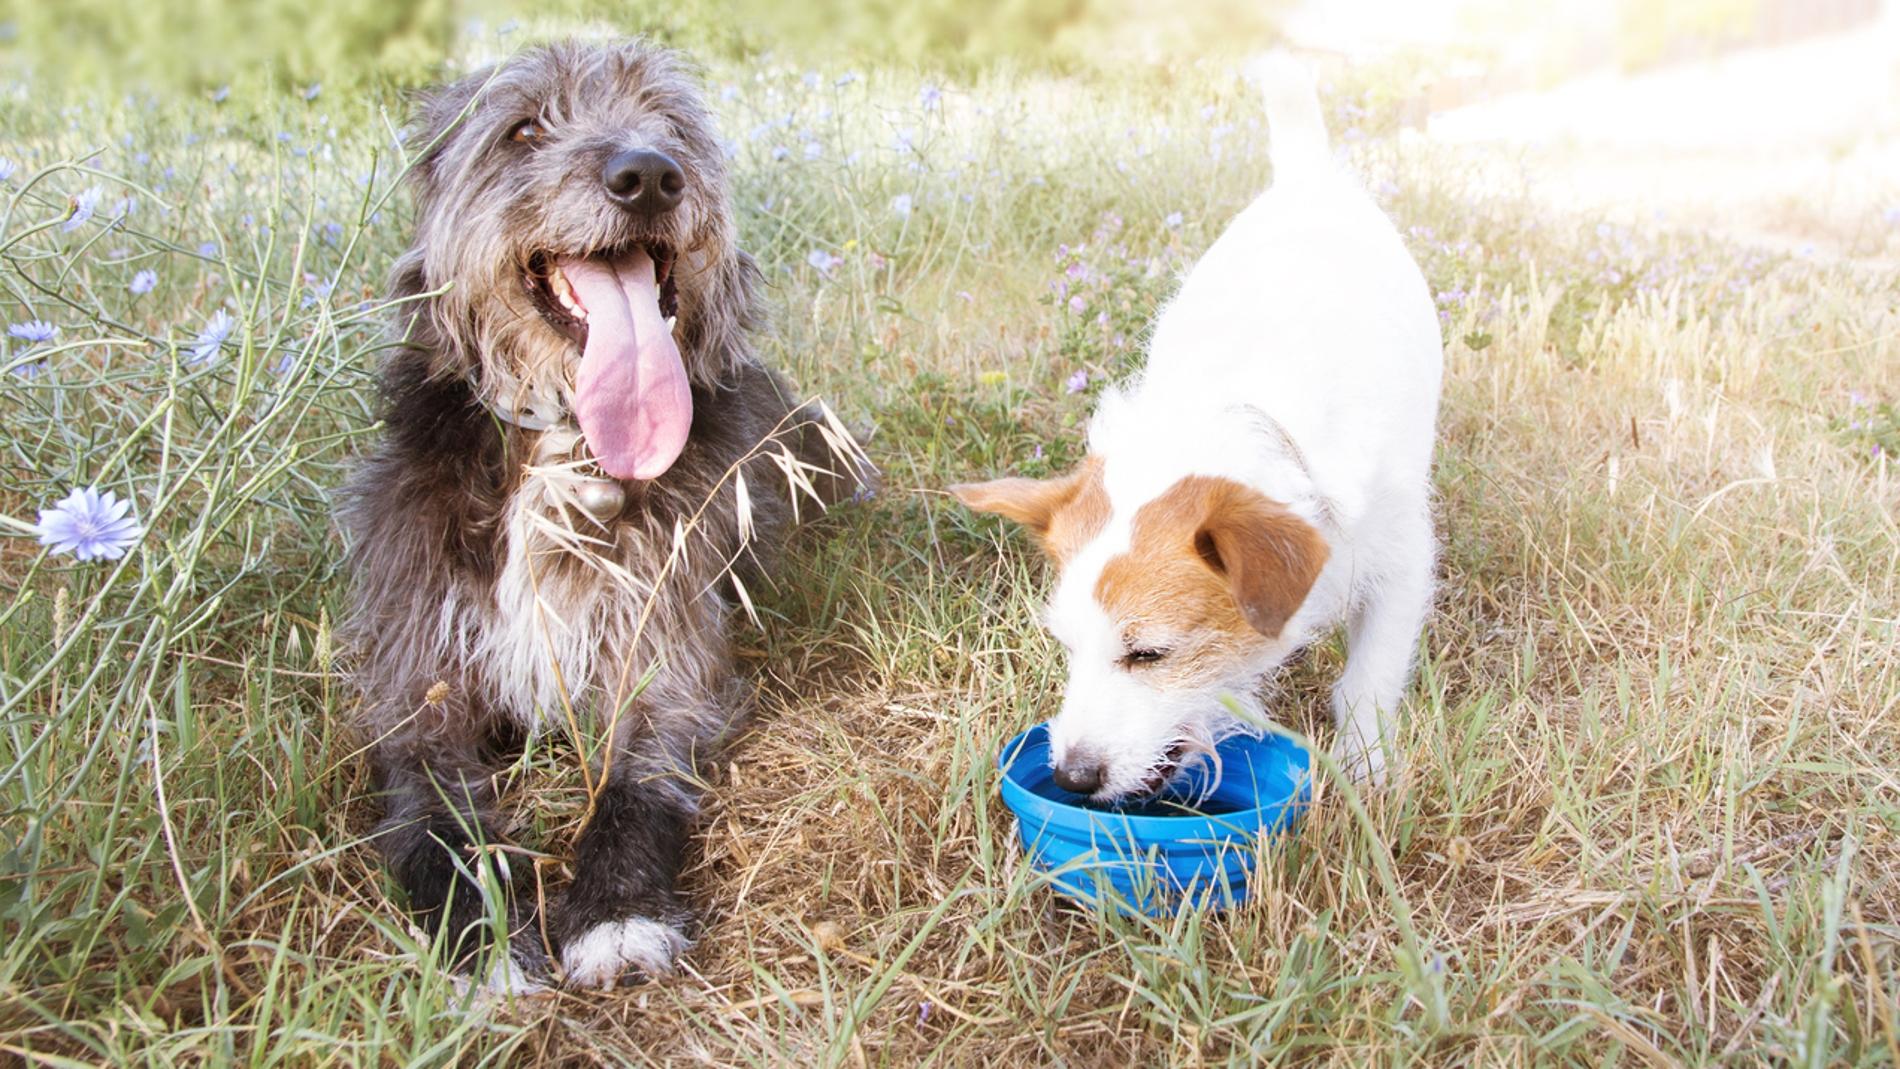 Llega el calor: estos son los peligros veraniegos para nuestros perros